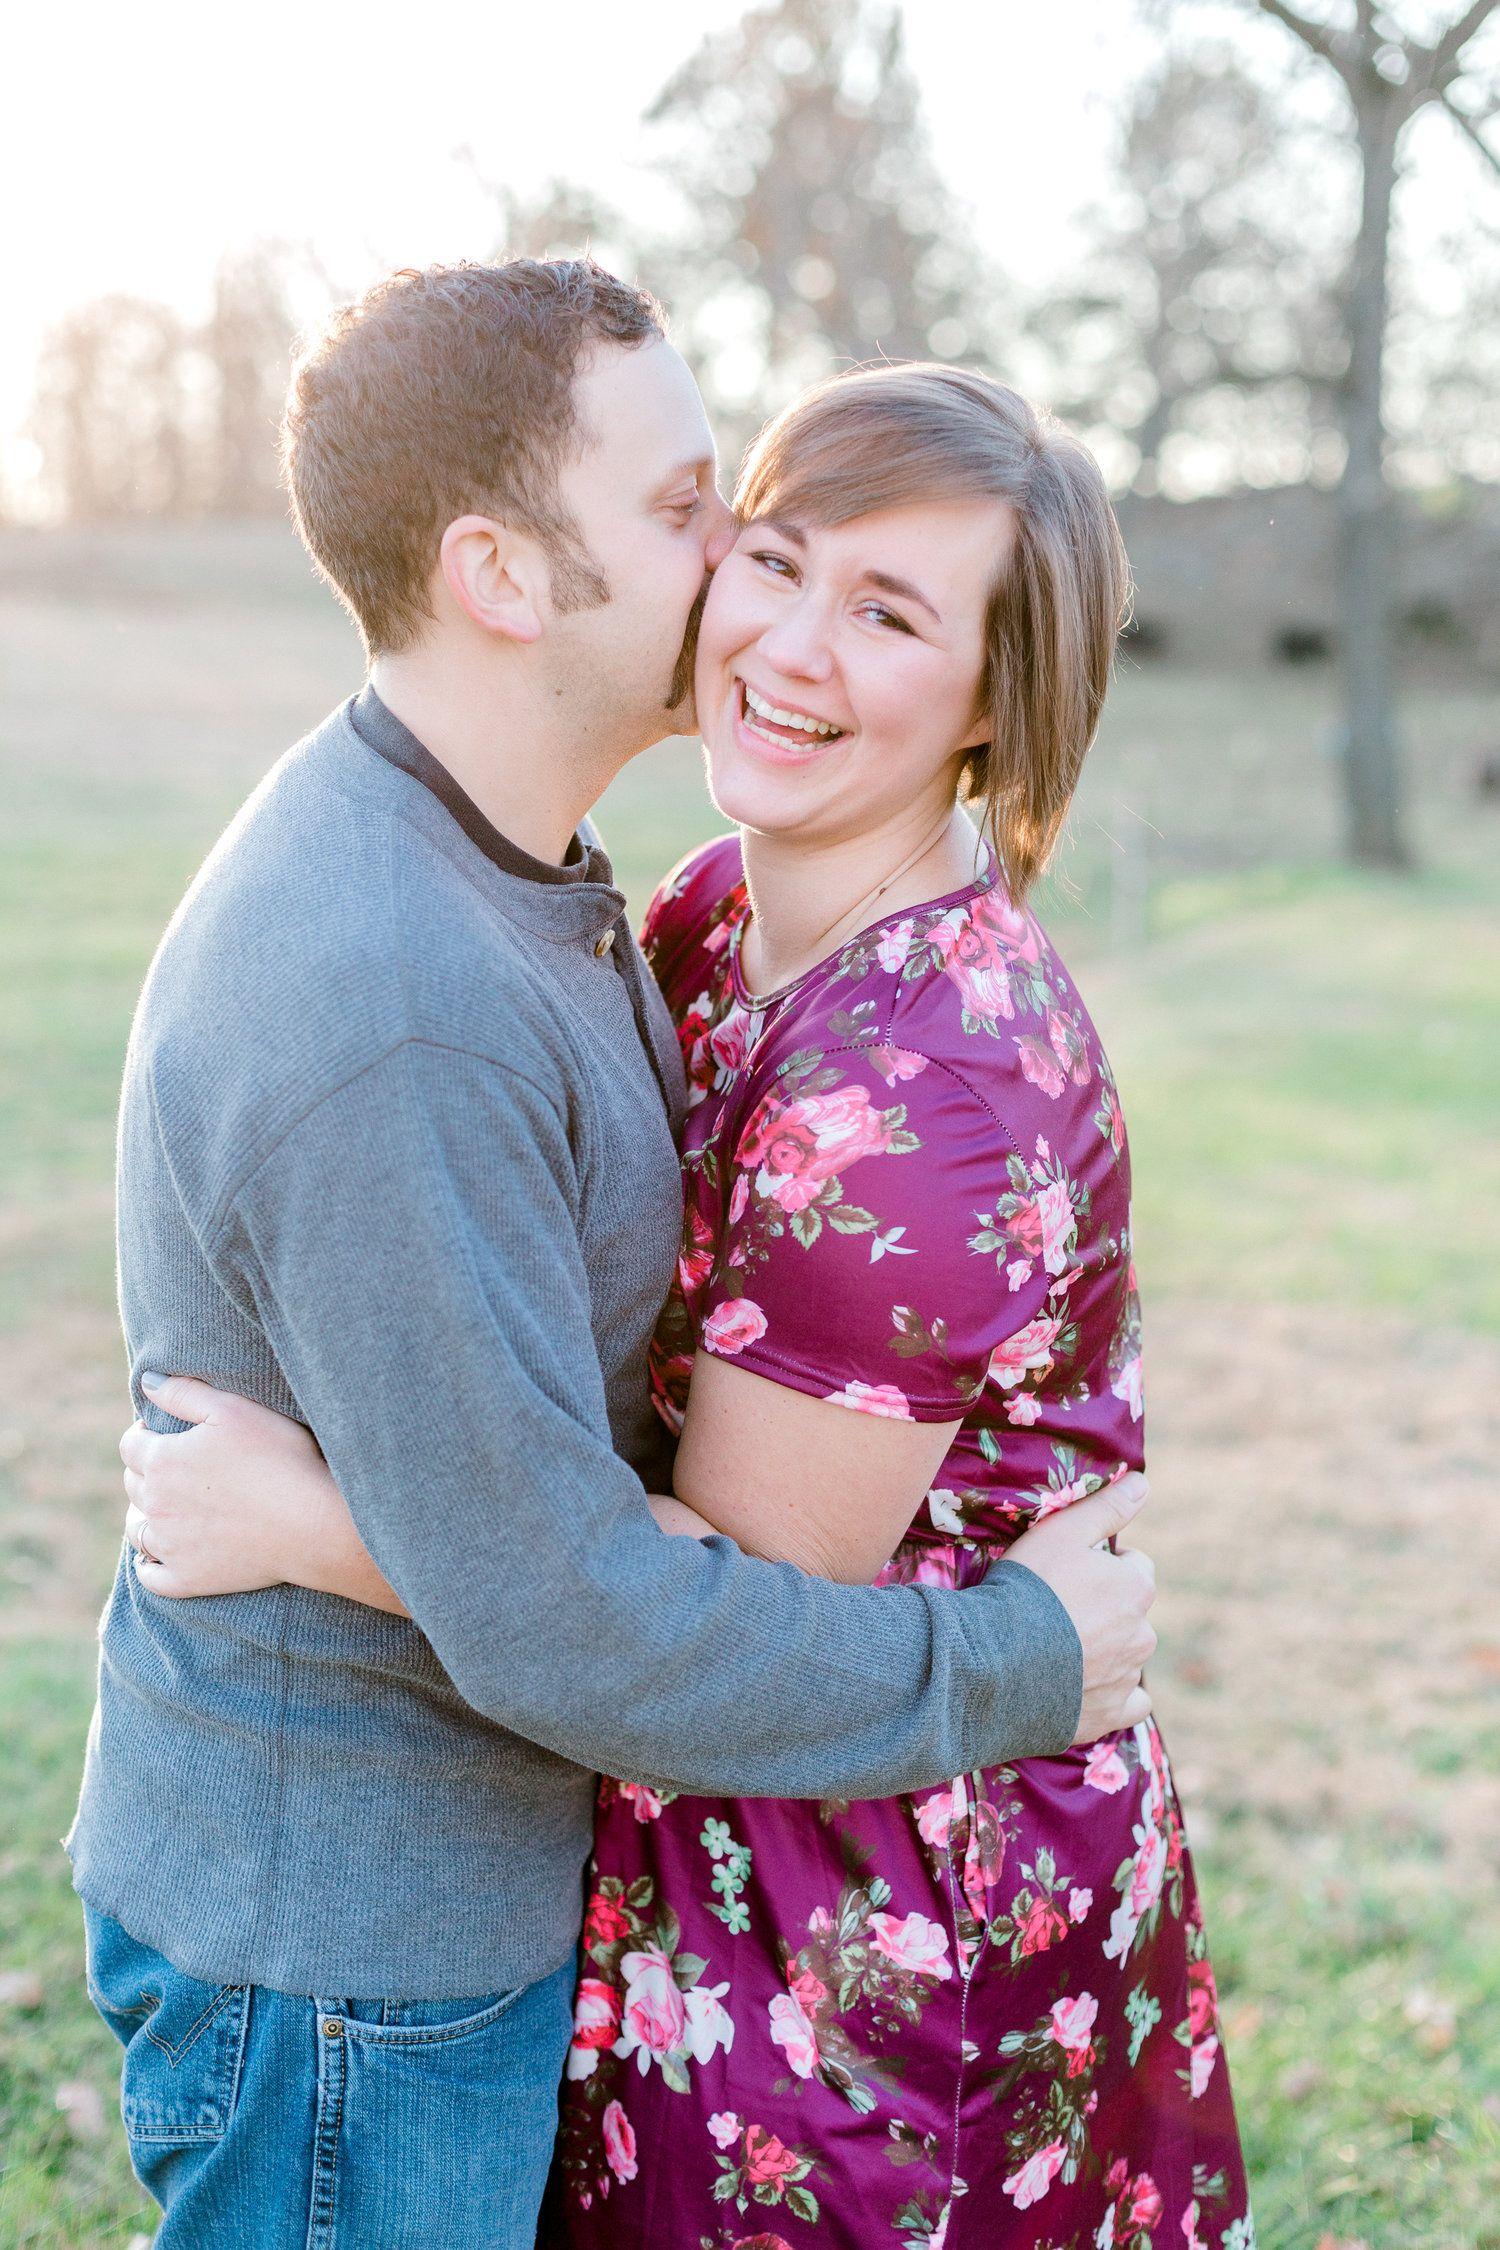 Hopkinsville KY dating Hva skal jeg si om meg selv på en datingside